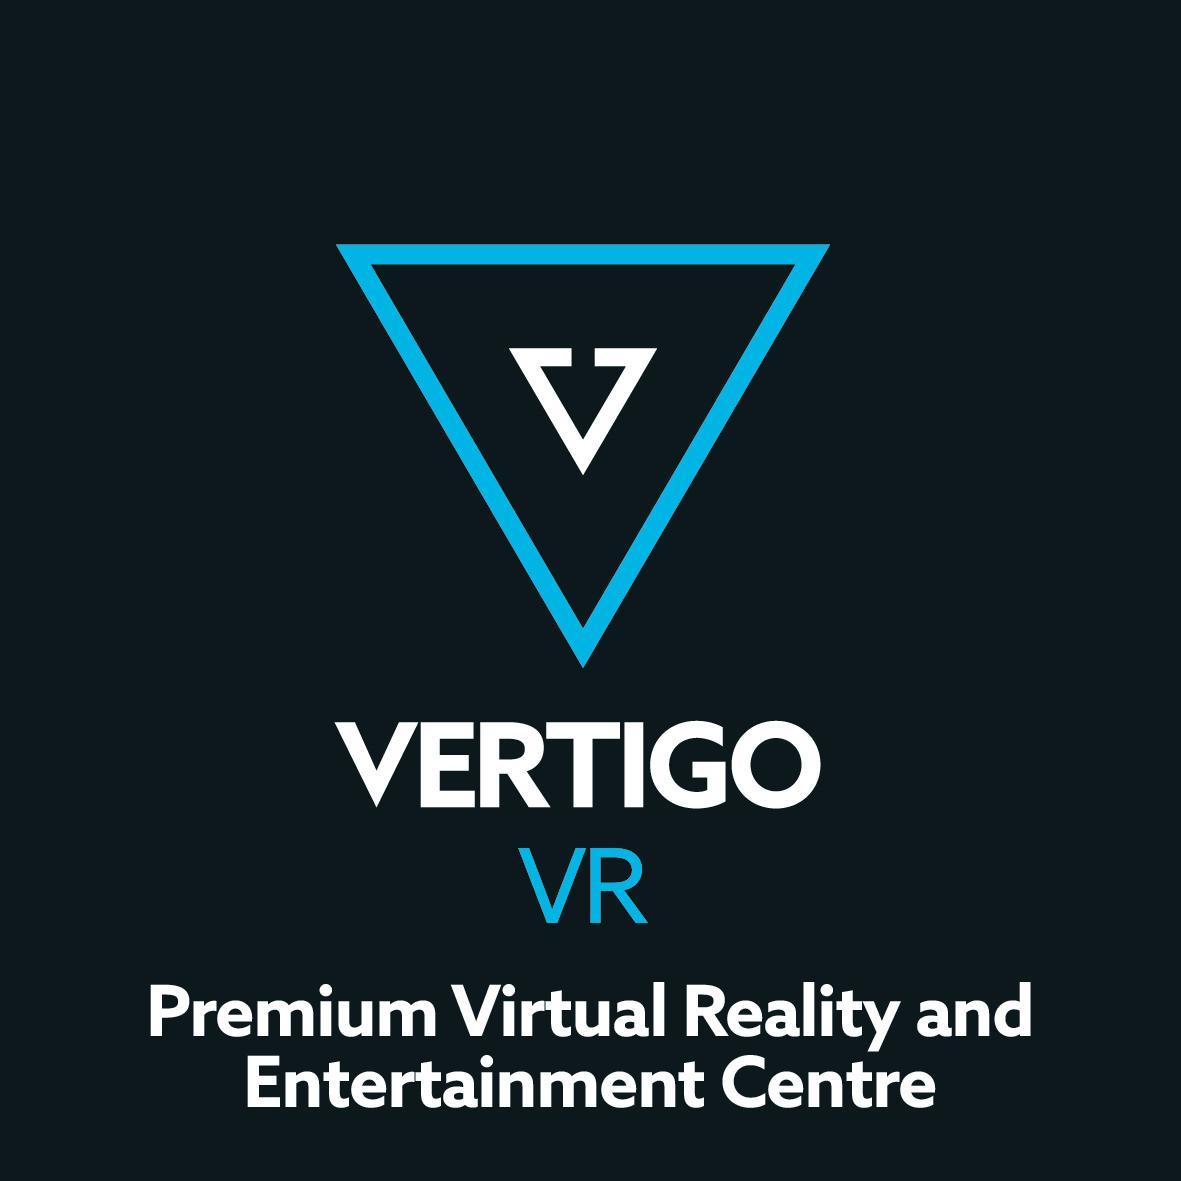 Vertigo VR